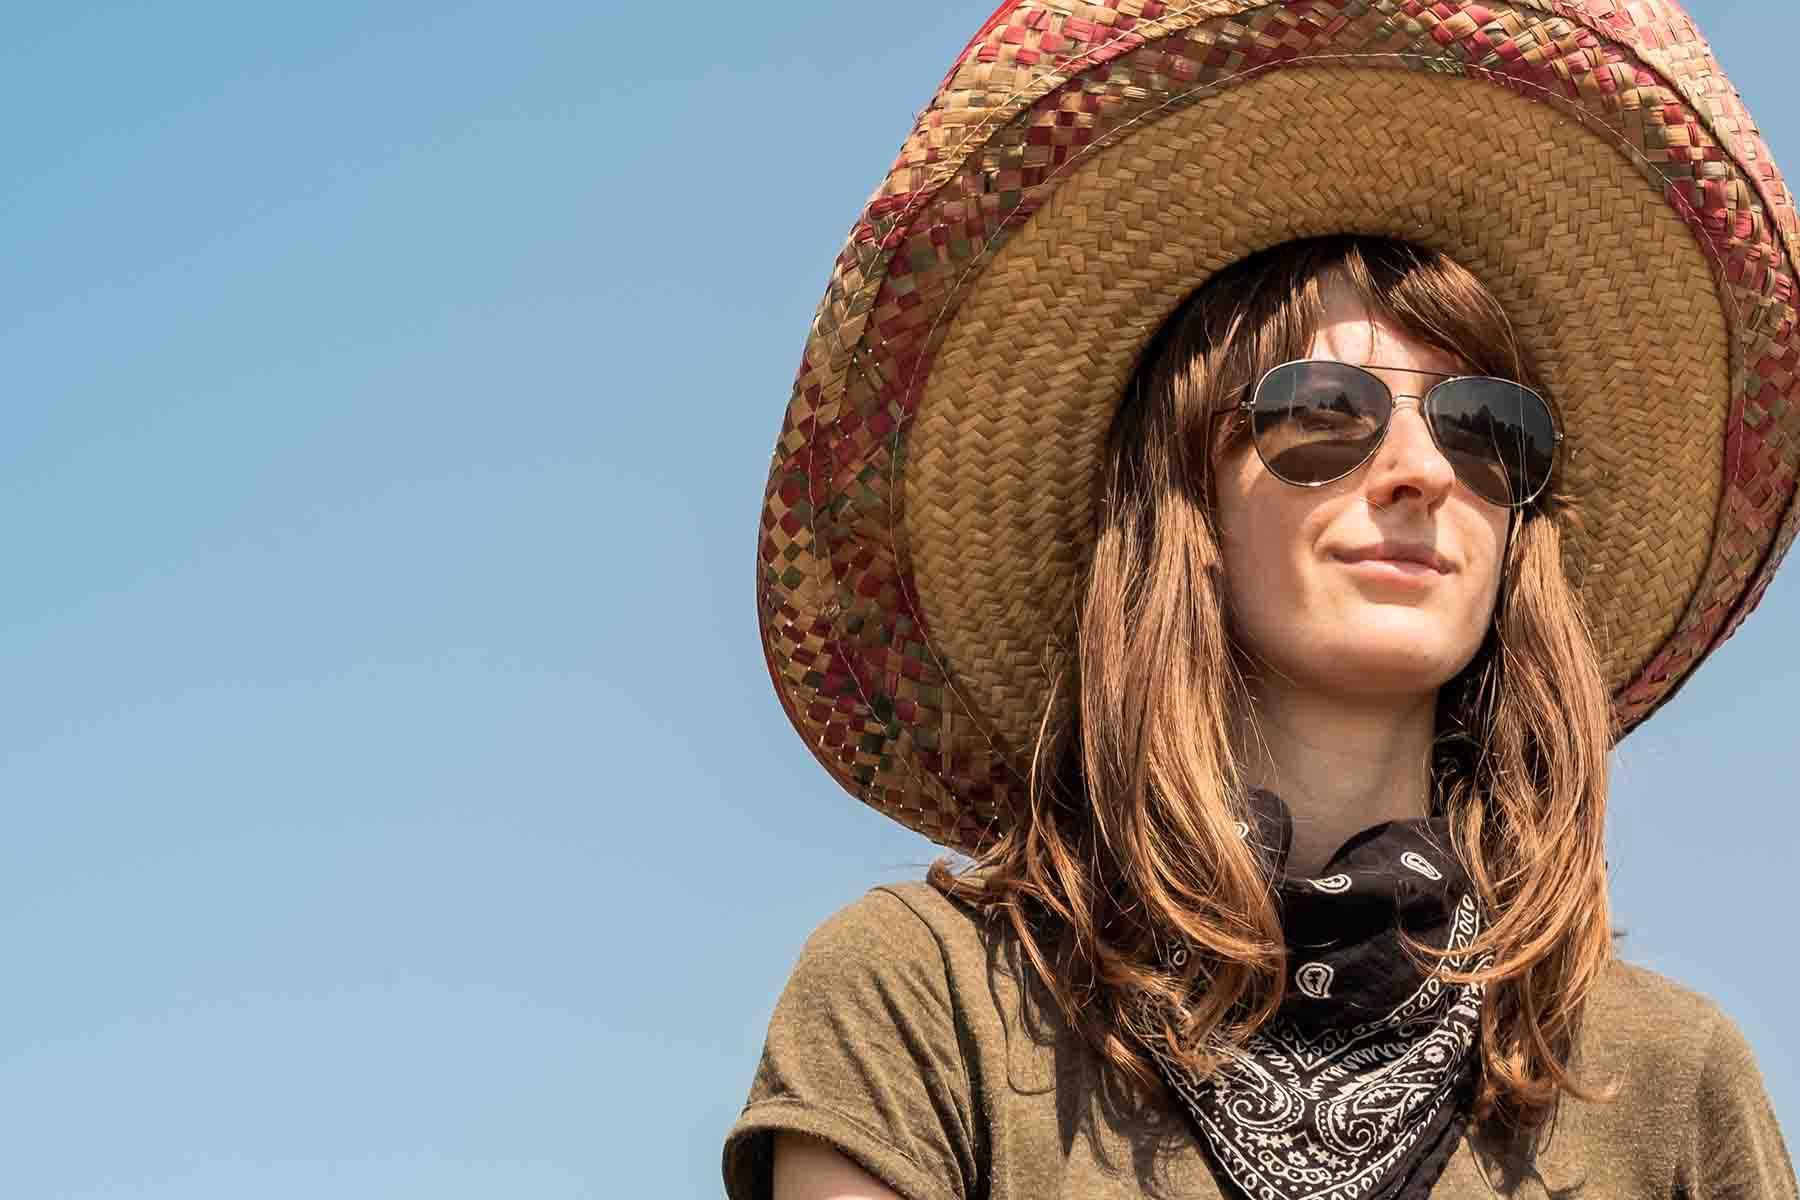 Festival attendee wearing a sombrero